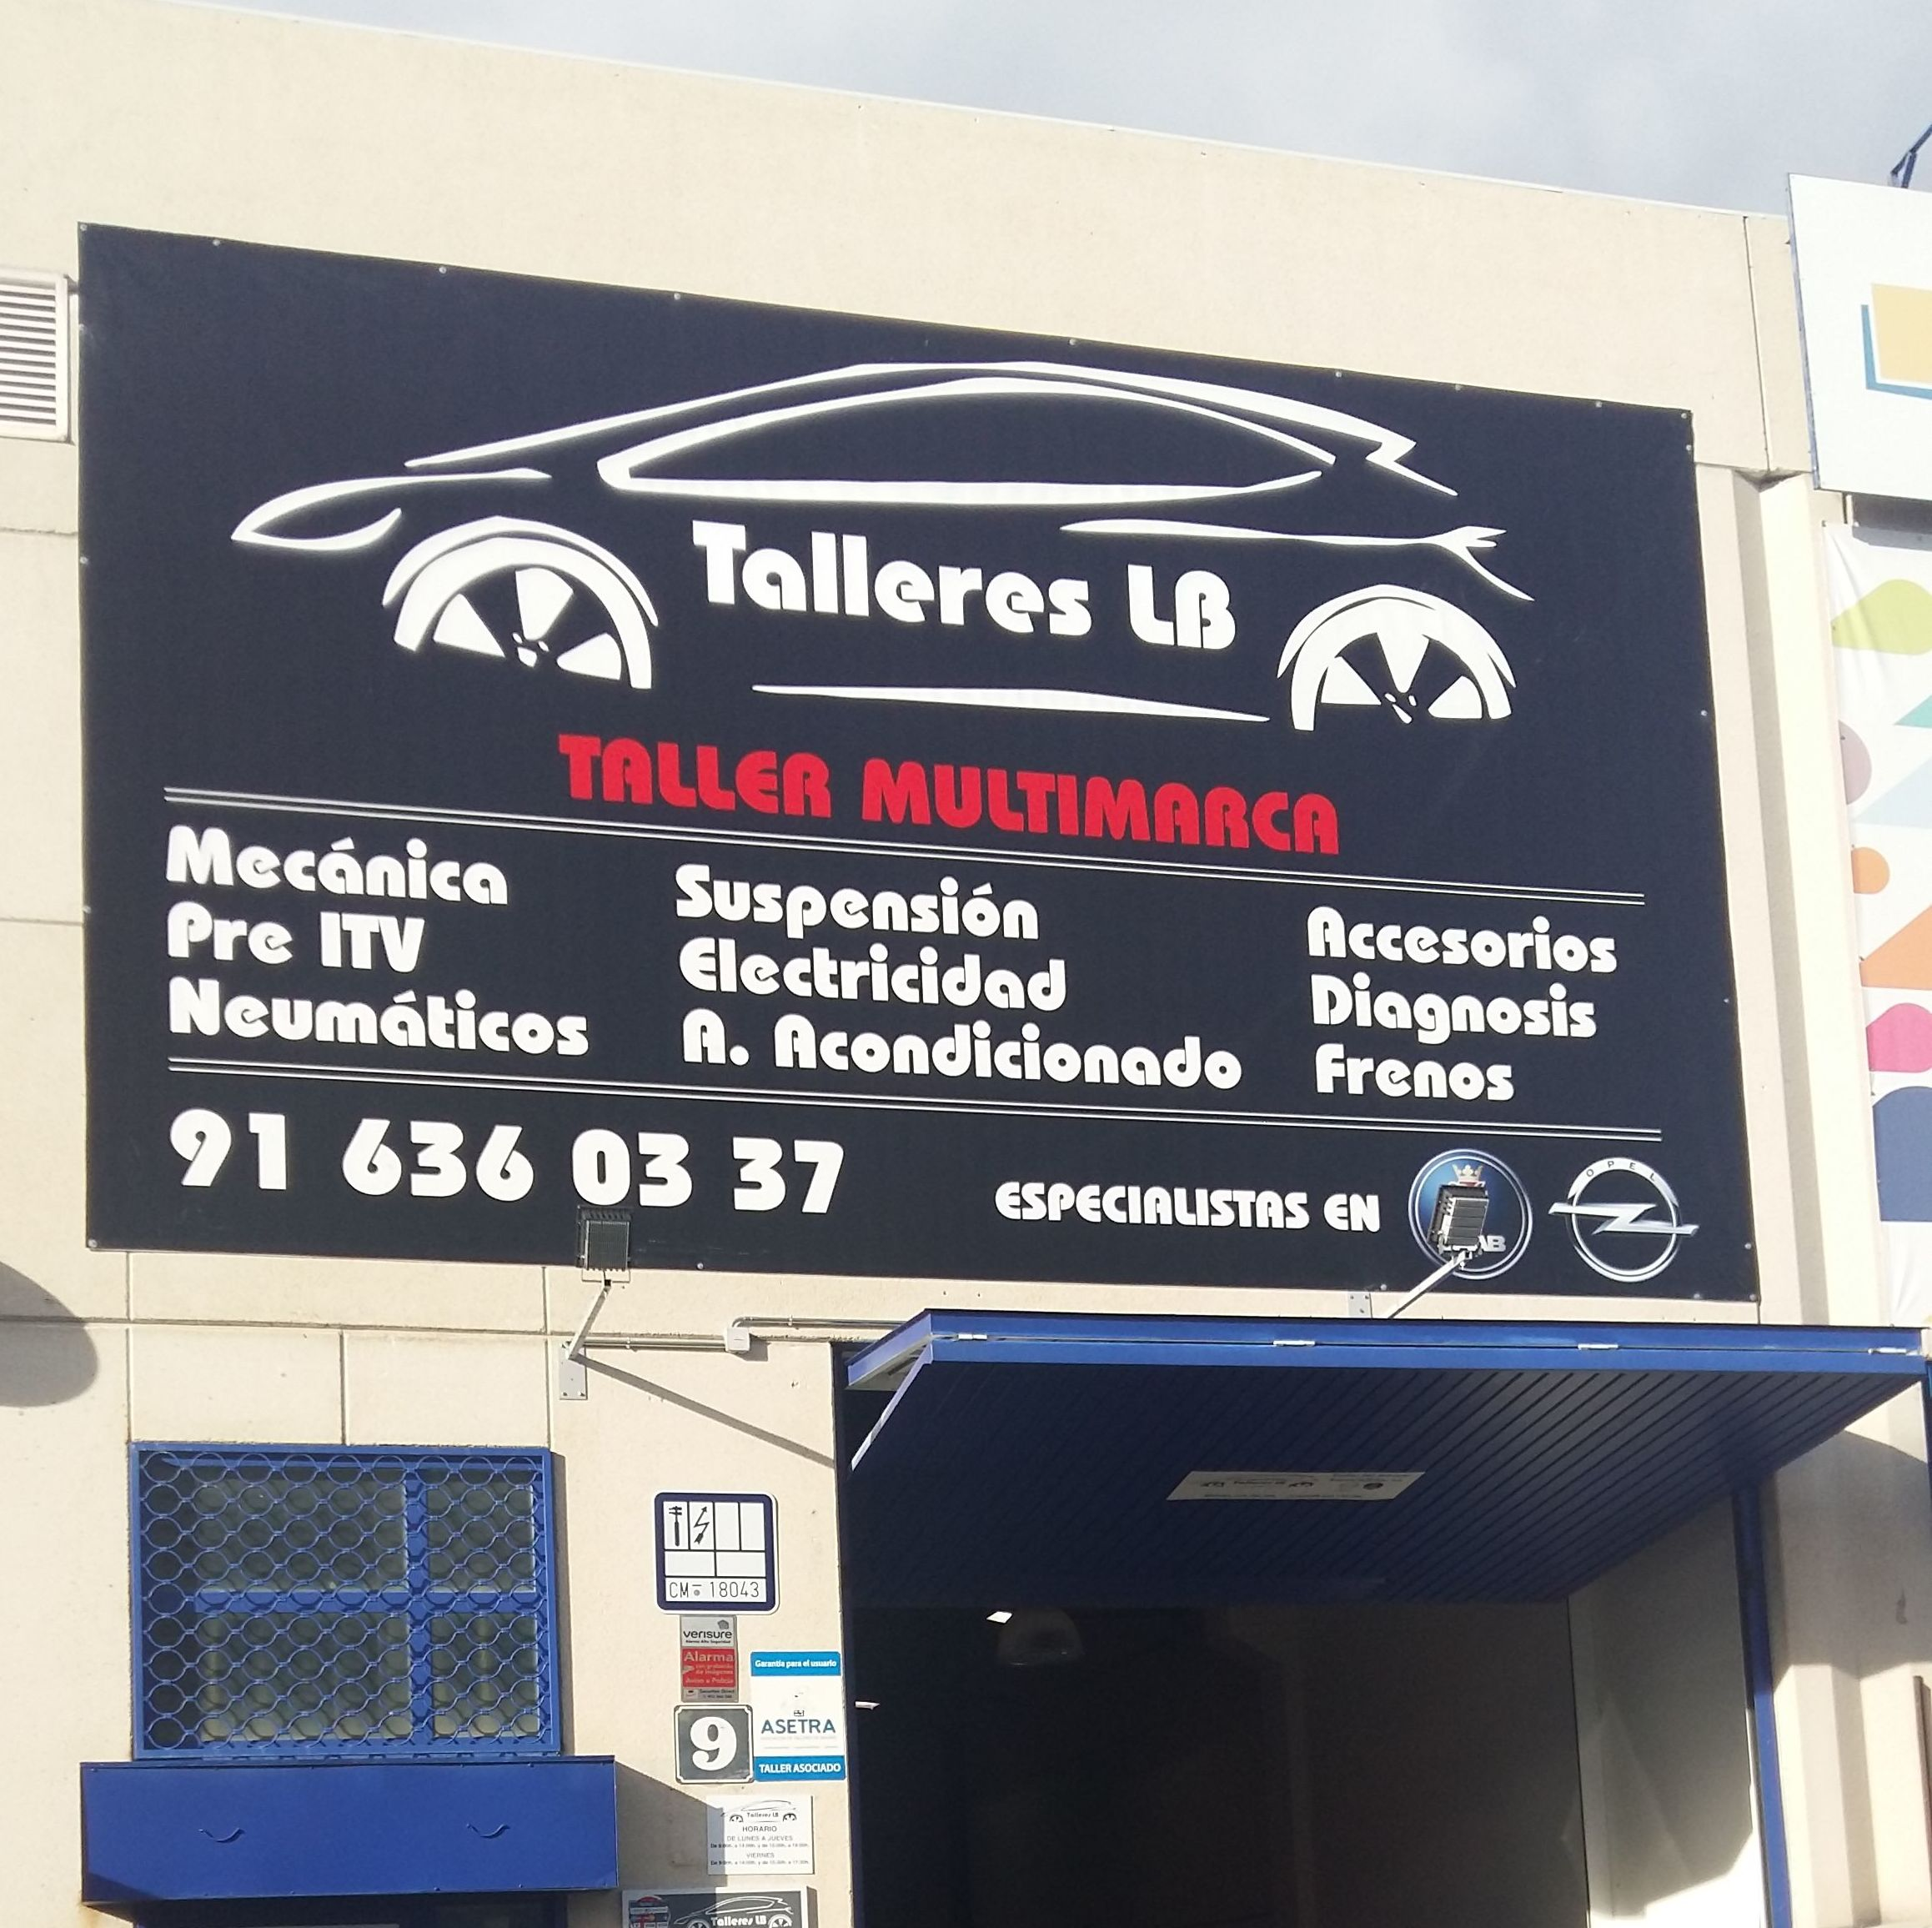 Foto 6 de Talleres de automóviles en Las Rozas | Talleres LB Las Rozas, S.L.